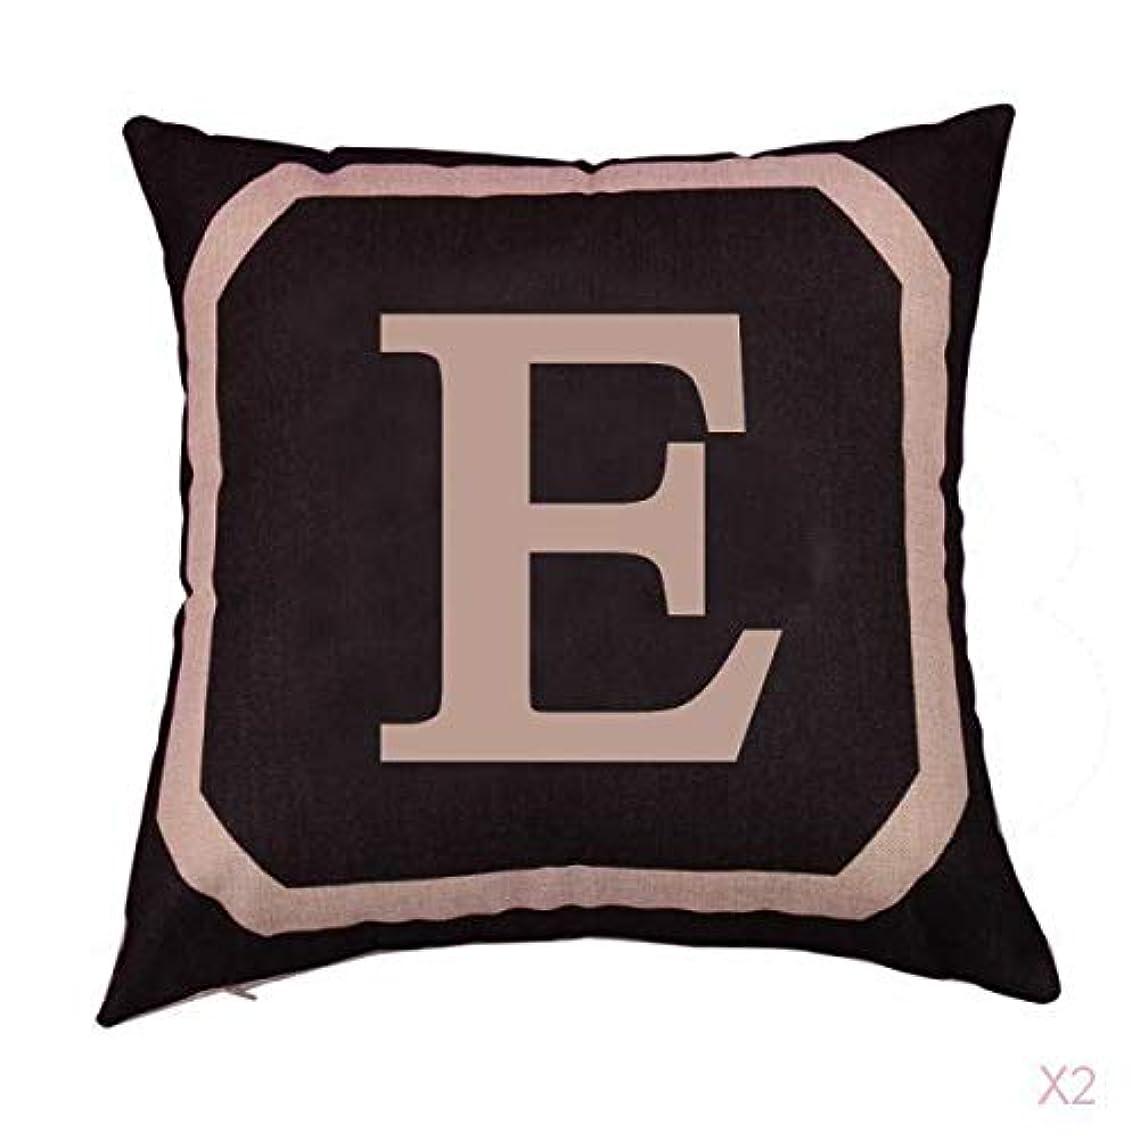 組み合わせレンダー状態FLAMEER 正方形の綿のリネンスローピローケース腰クッションカバーベッドソファ装飾電子